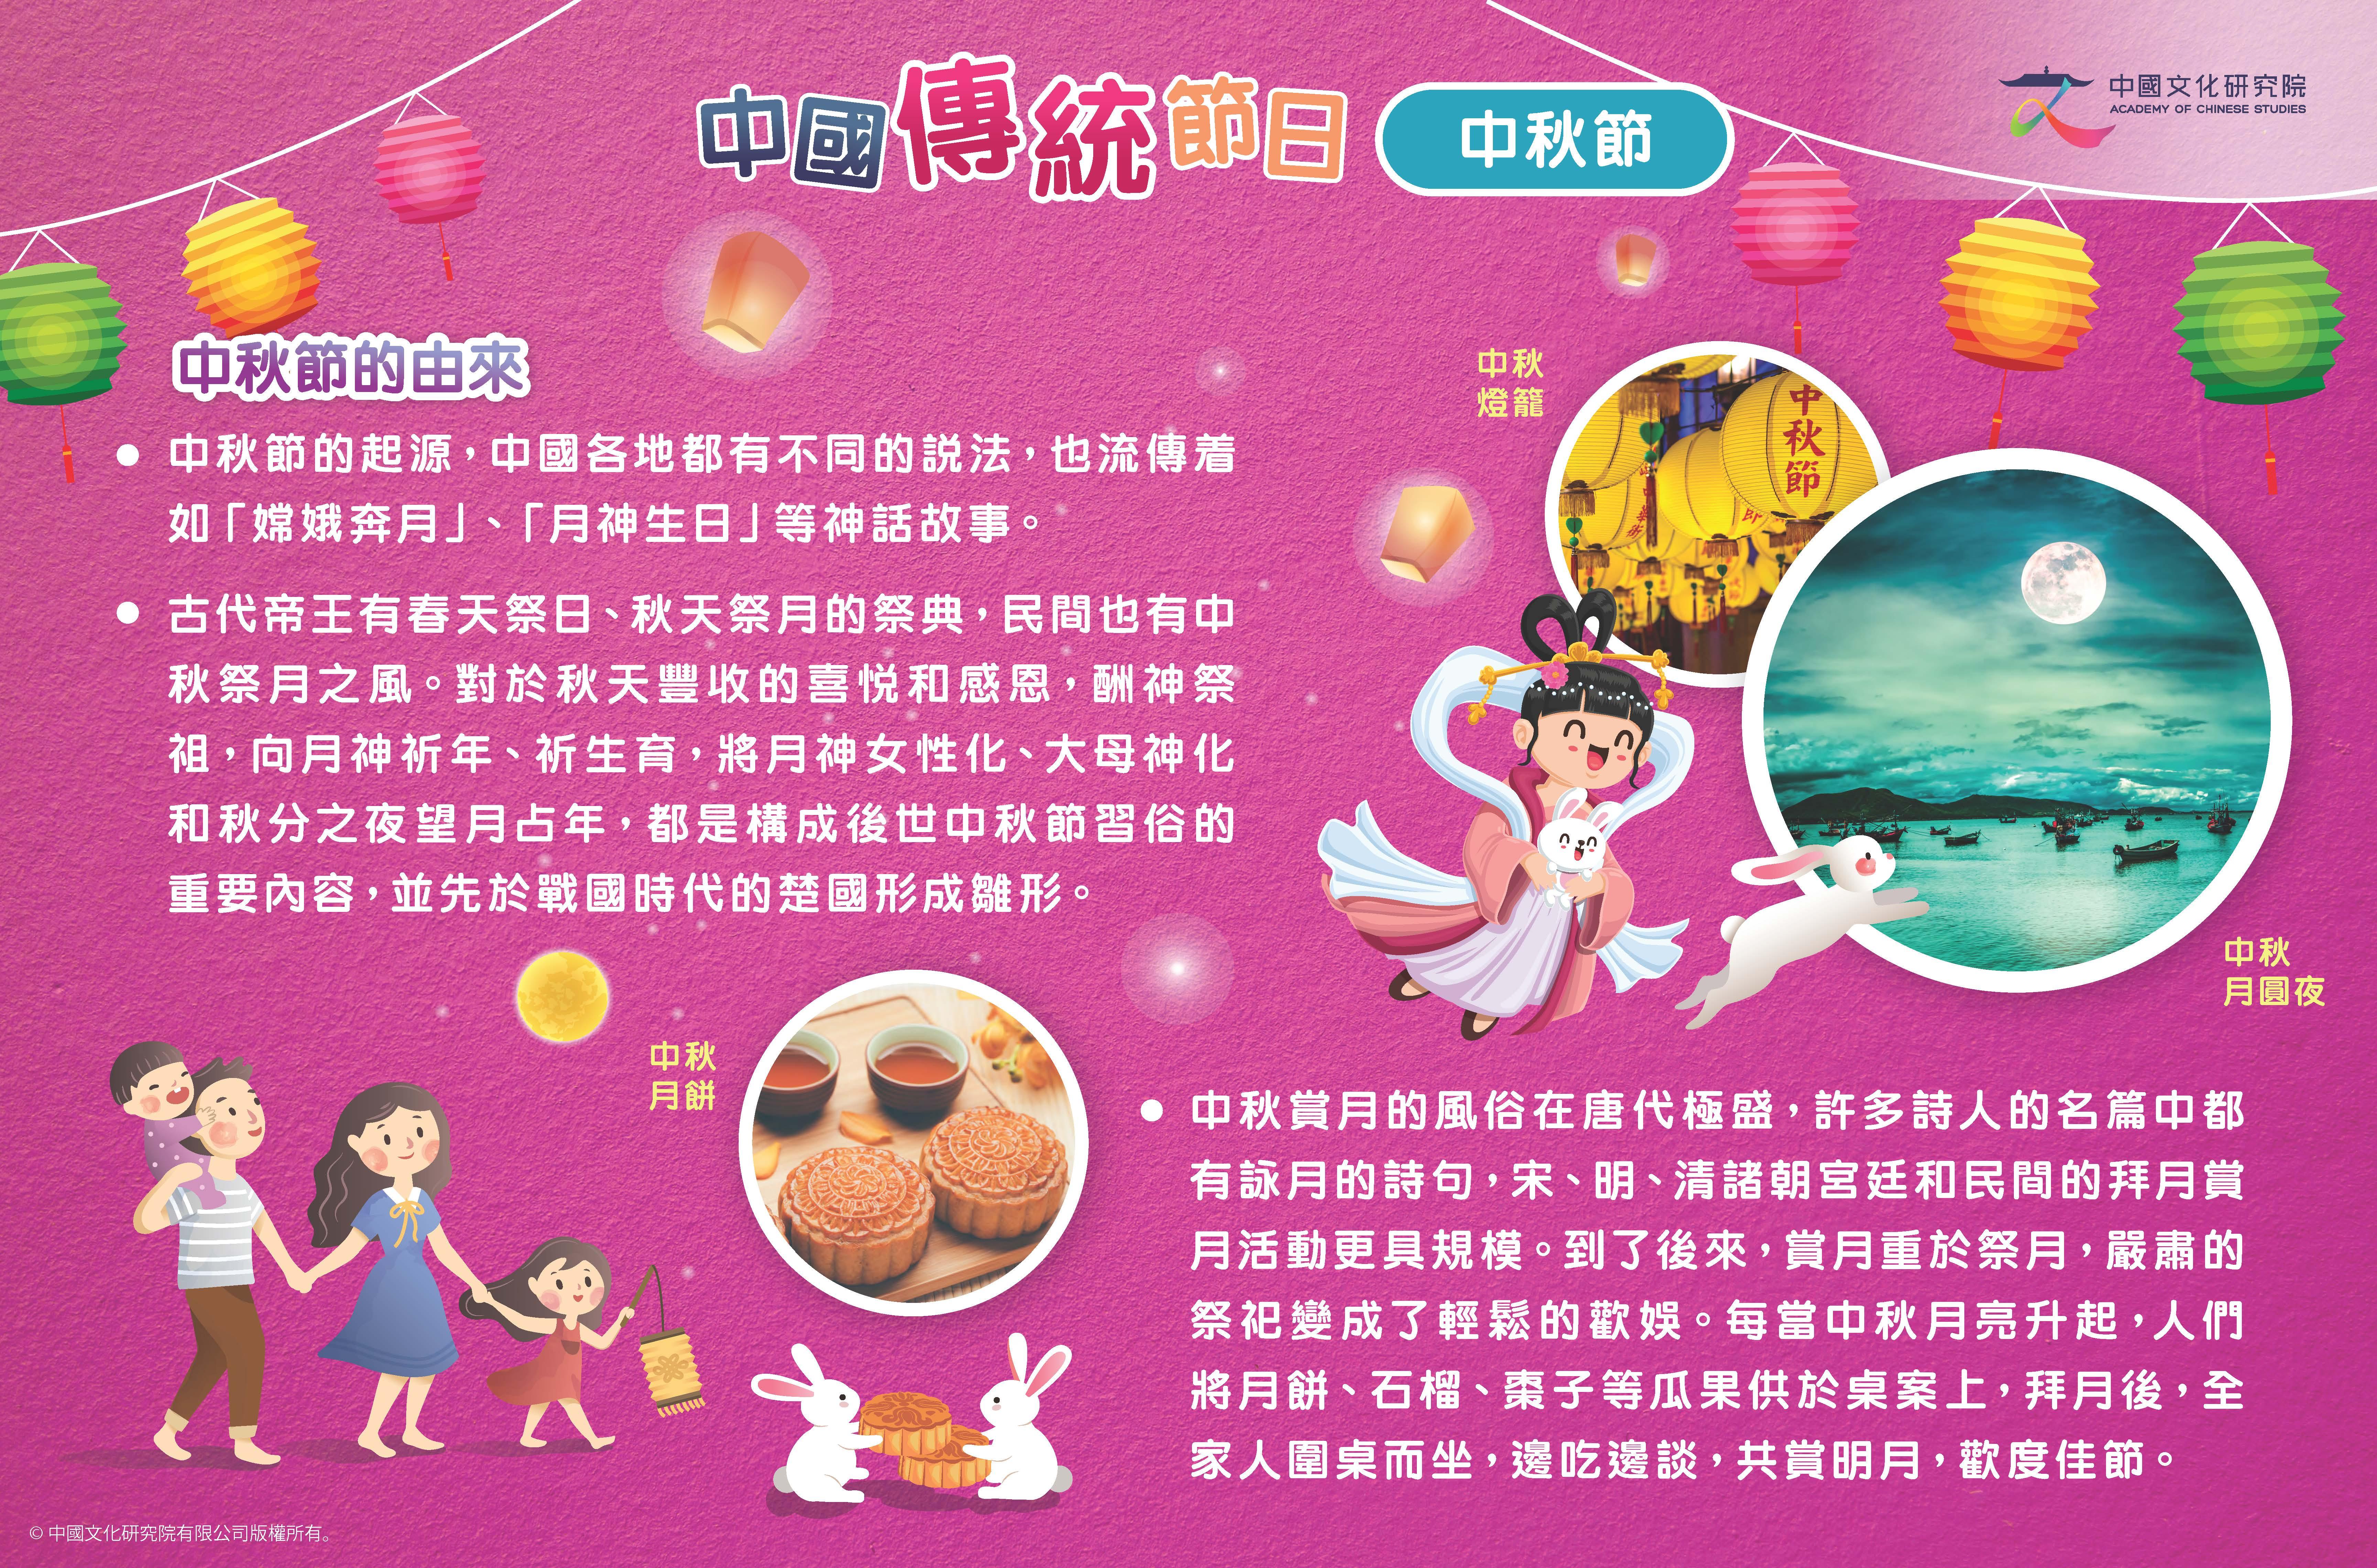 acs_school_2020_foamboard_sepr_zhongqiu_v12_deb_0911_page_2